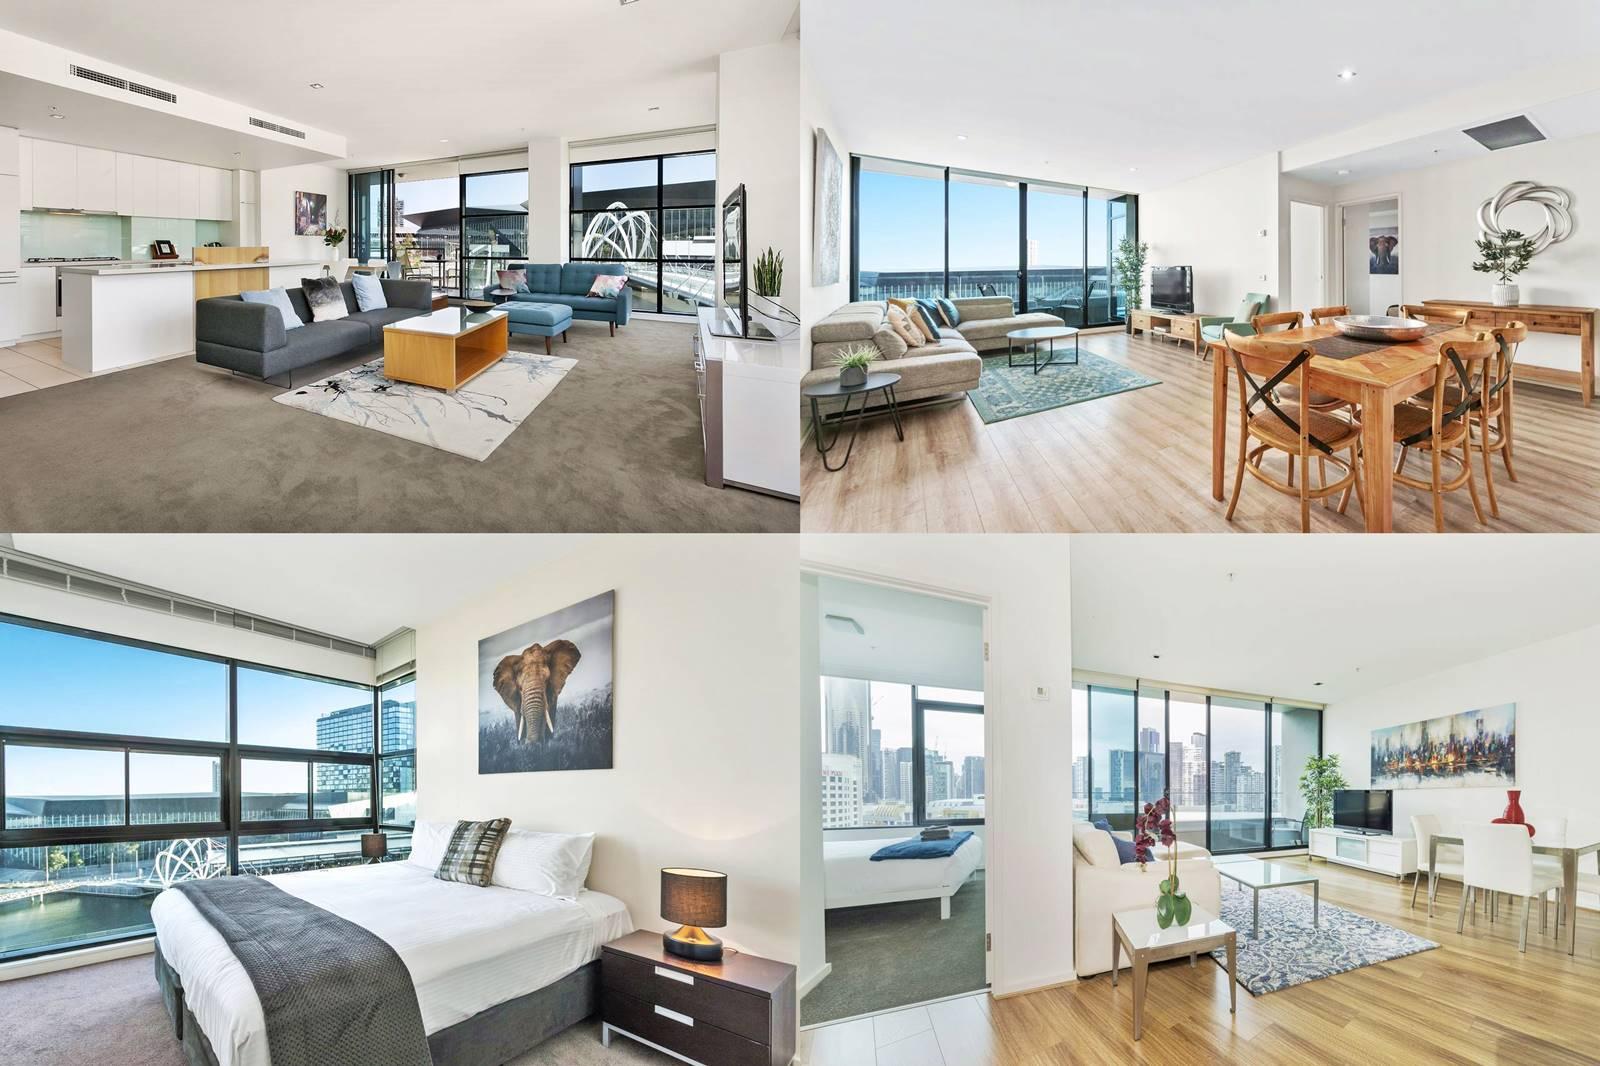 墨爾本-住宿-推薦-墨爾本飯店-墨爾本酒店-墨爾本公寓-墨爾本民宿-墨爾本旅館-墨爾本酒店-必住-Melbourne-Hotel-墨爾本海濱公寓式酒店-Waterfront Melbourne Apartments